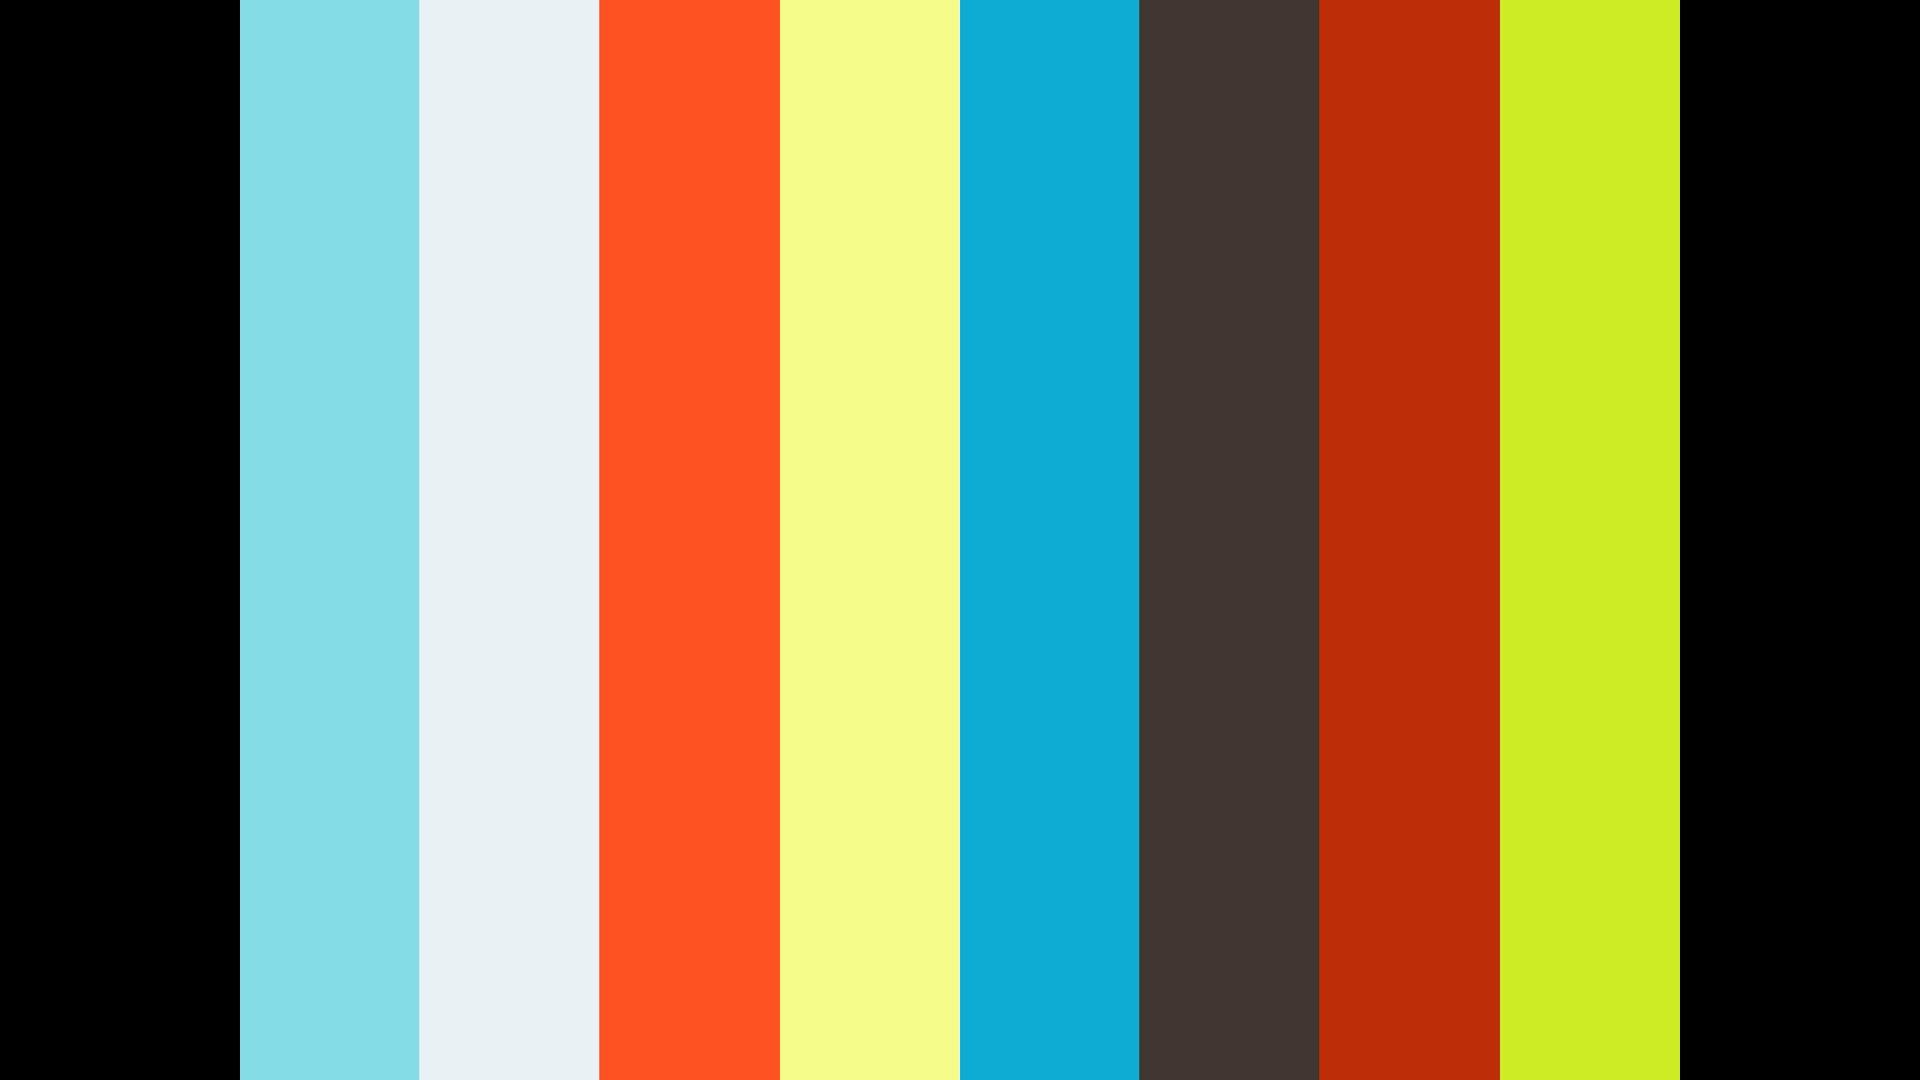 XVI Congresso ordinario Ucpi. Una tavola rotonda che lancia un'esortazione: separare